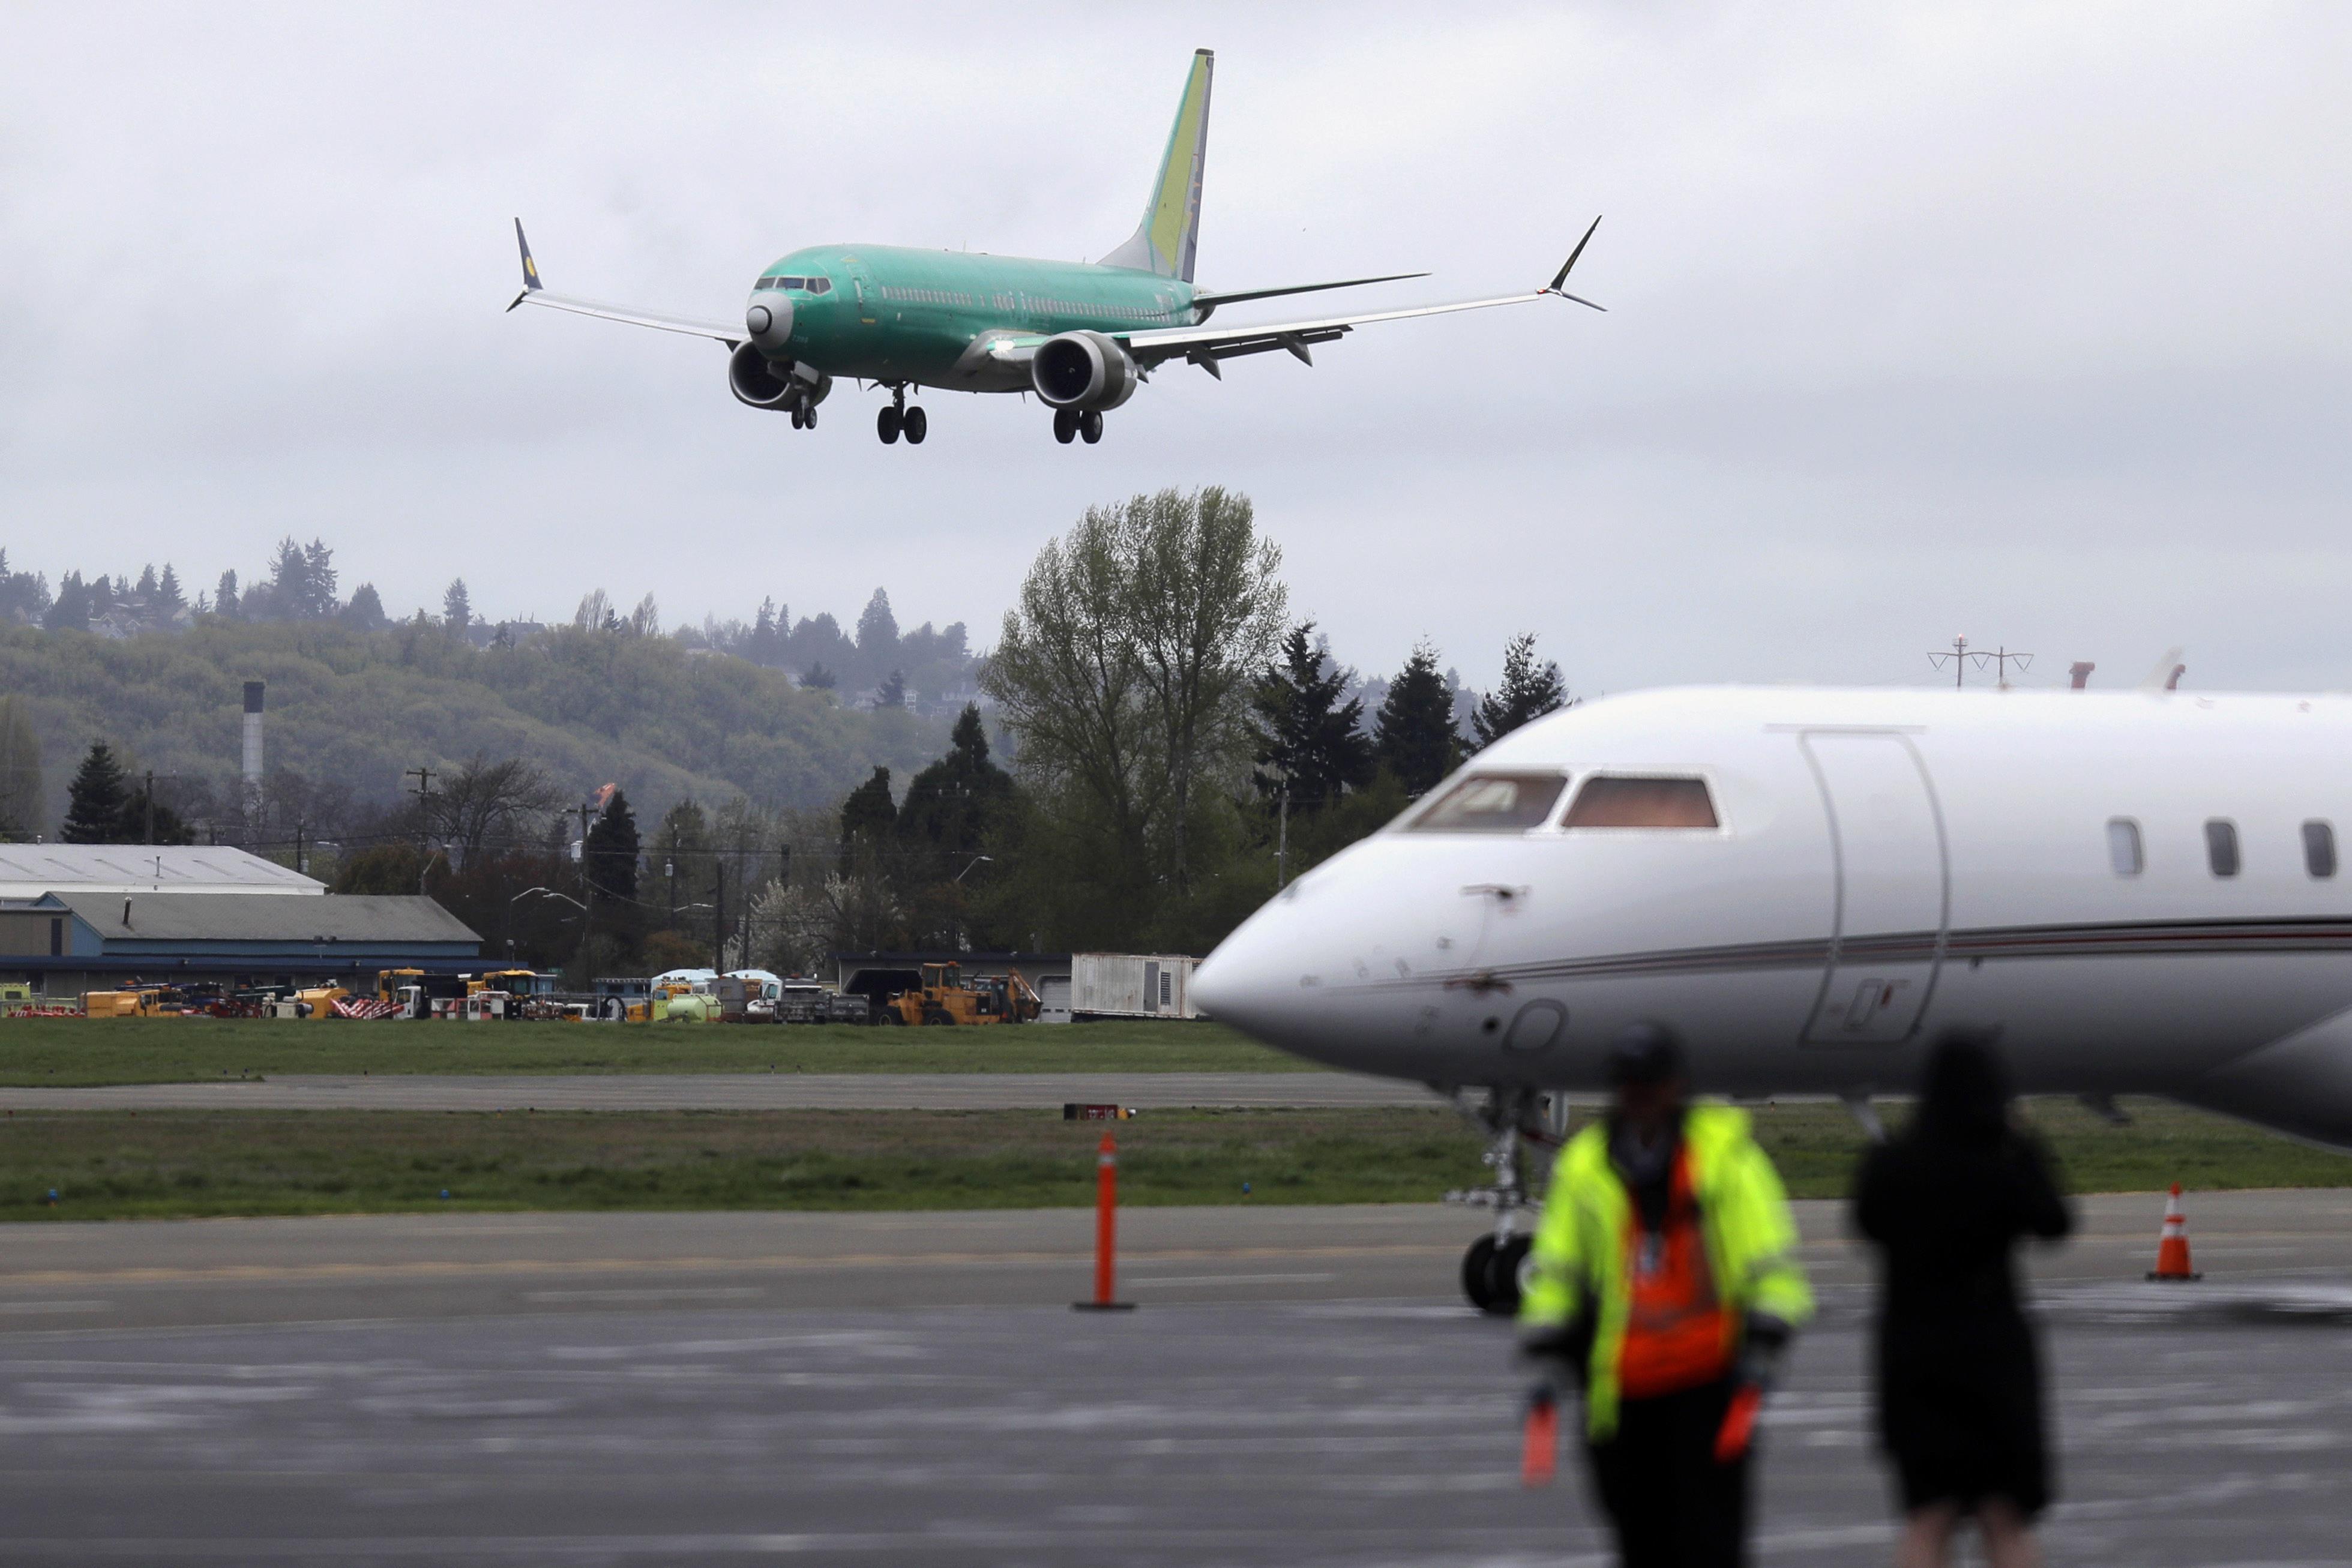 0b6b701984df Újra a levegőben néhány problémás Boeing-gép, miközben perlik a céget